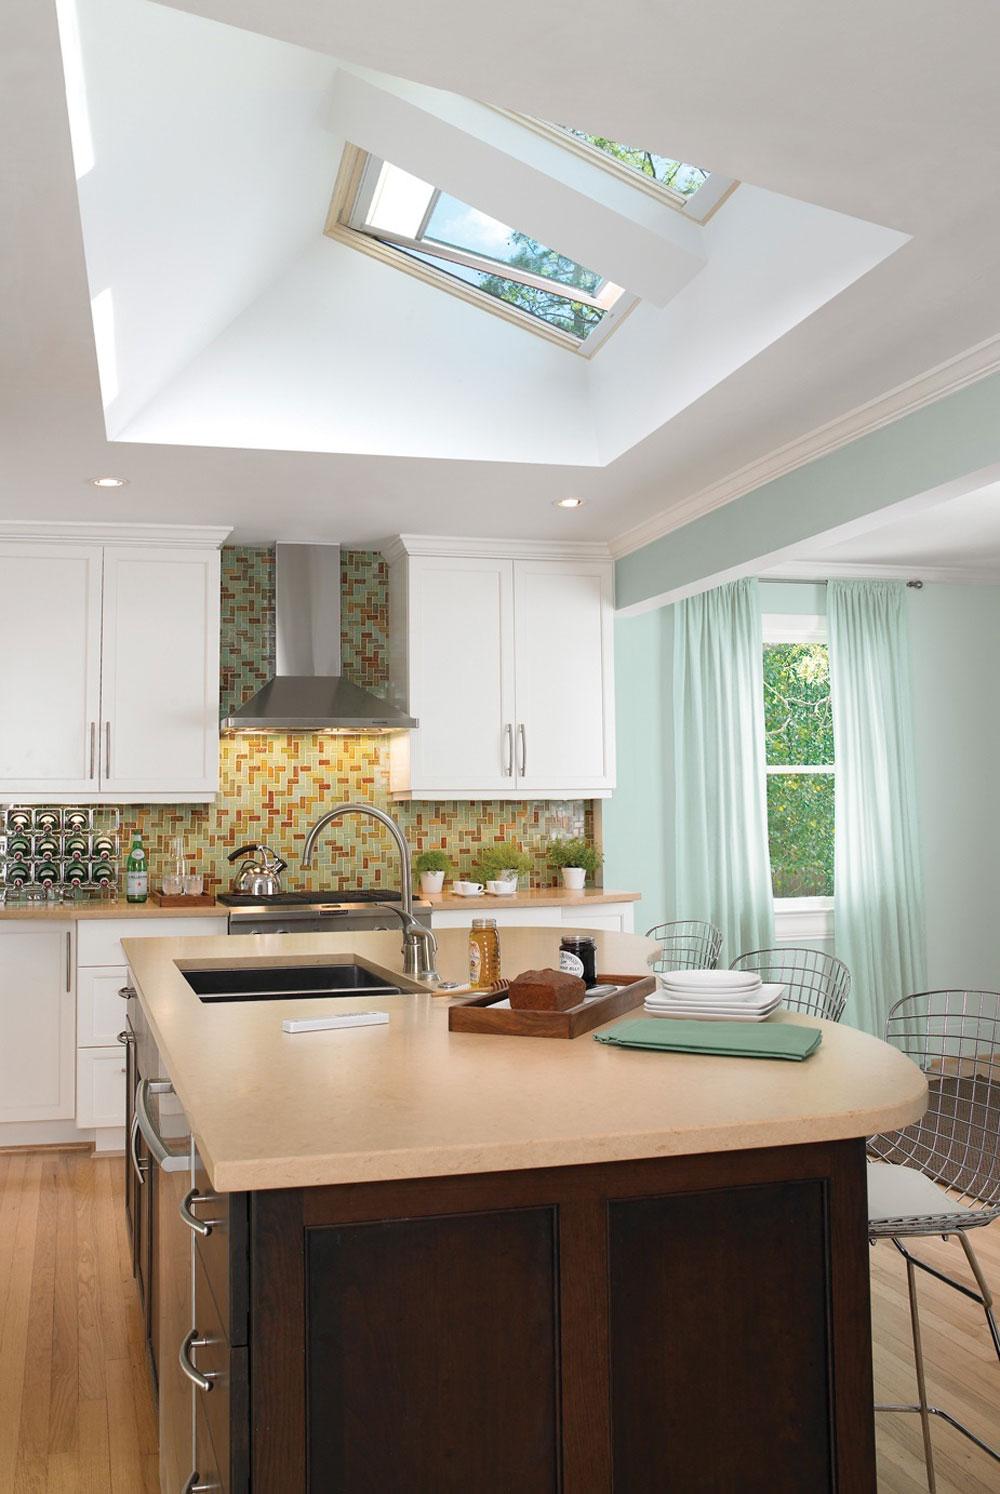 Kök med takfönster för mer naturligt ljus 11 kök med takfönster för mer naturligt ljus